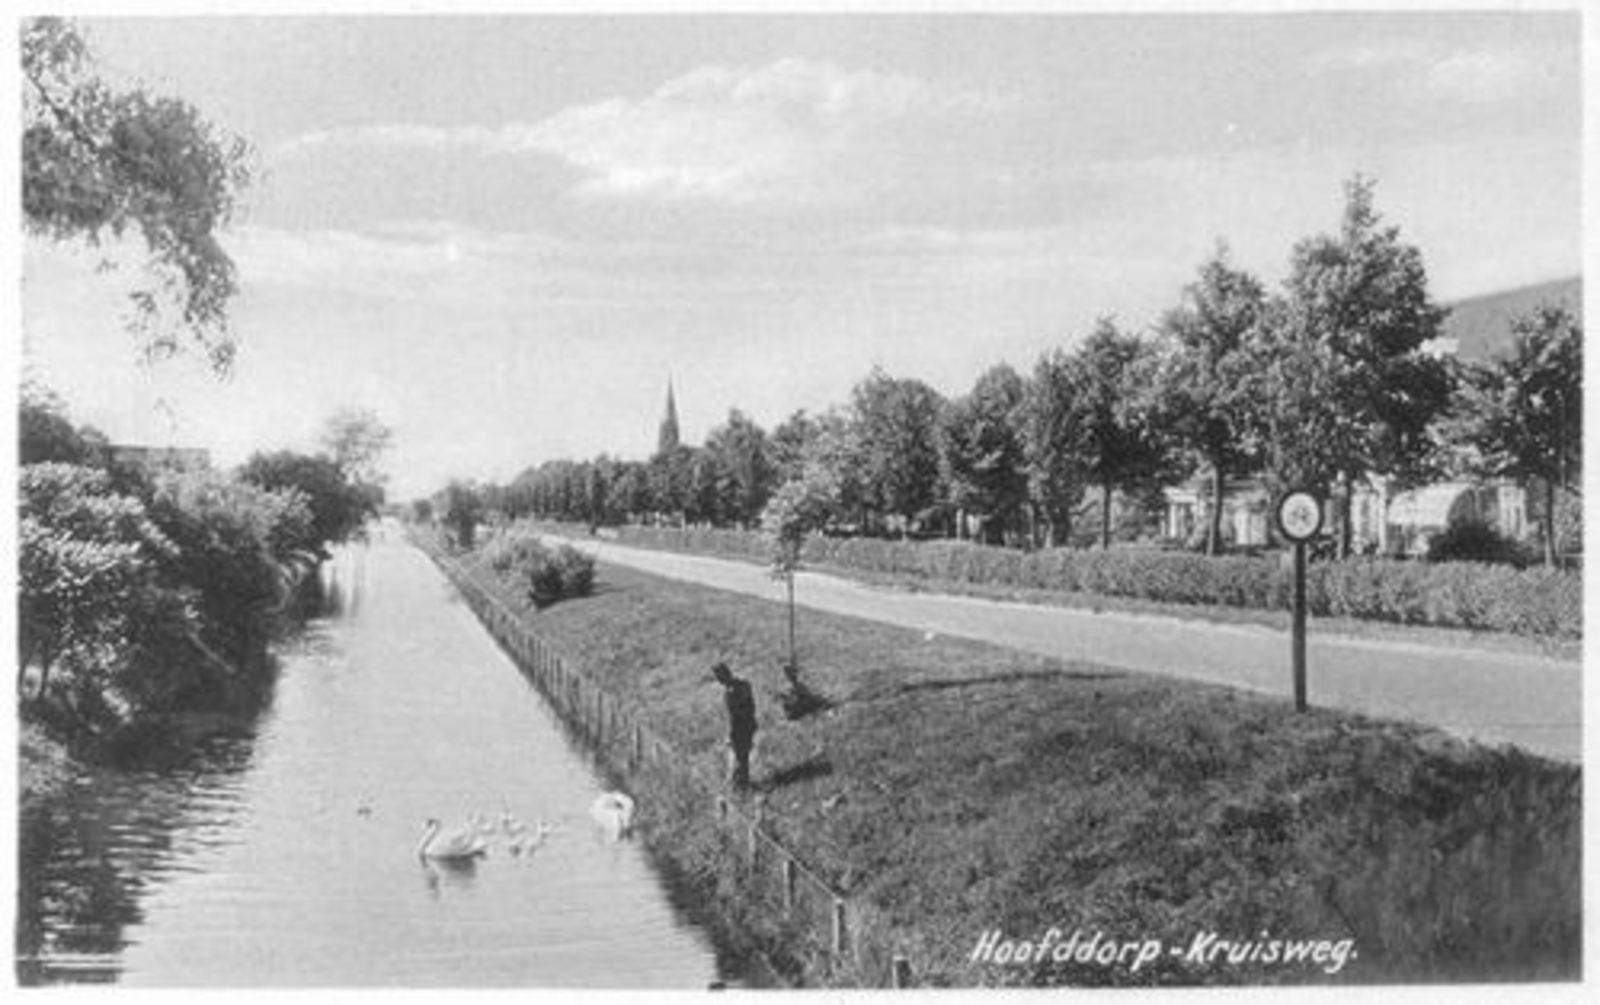 Kruisweg N 1013ev 1943 van Roemeling naar W